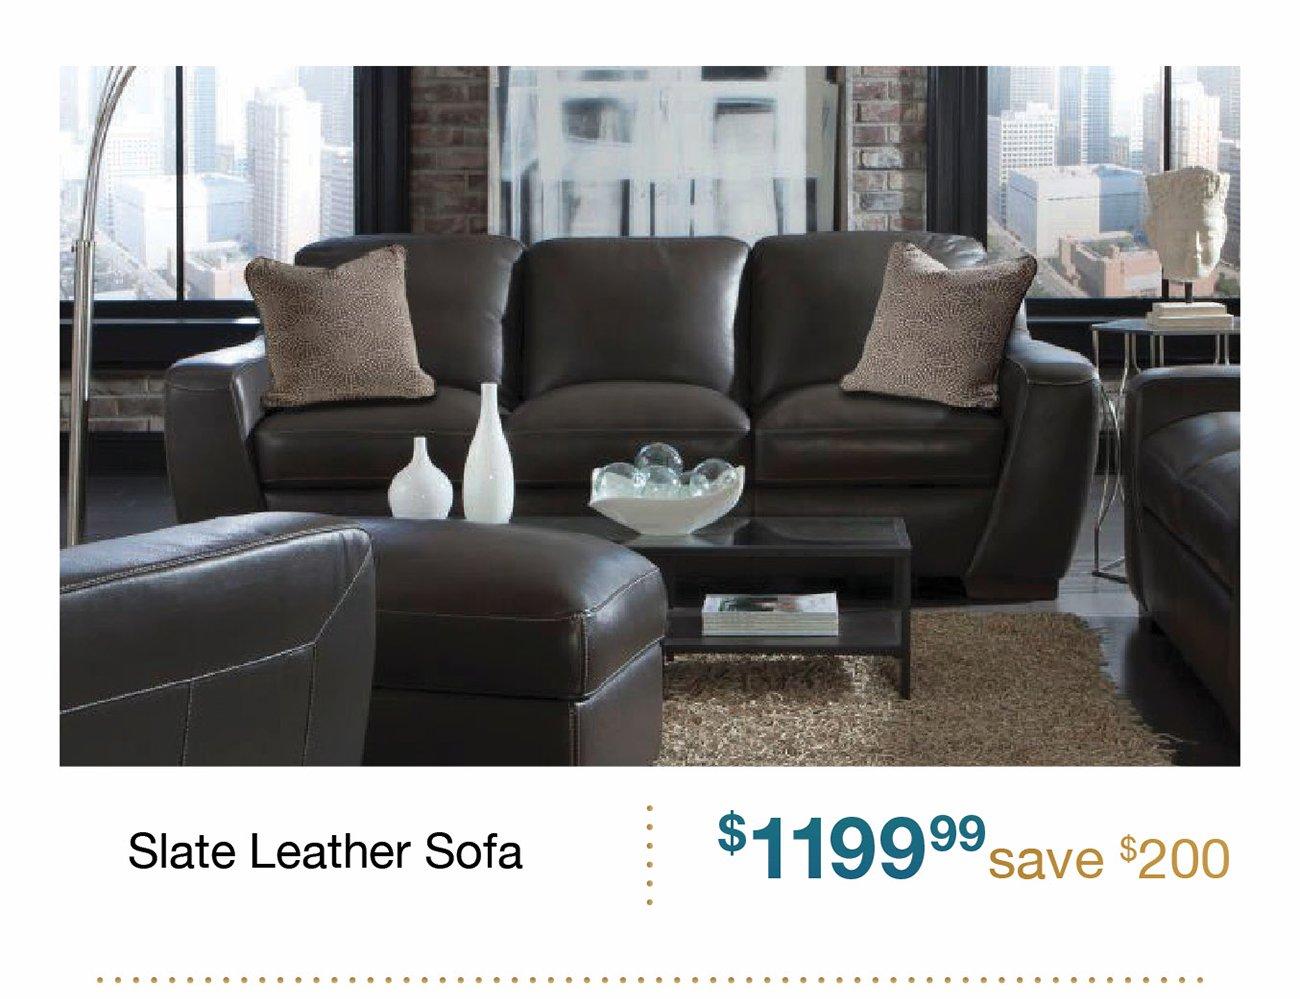 Slate-leather-sofa